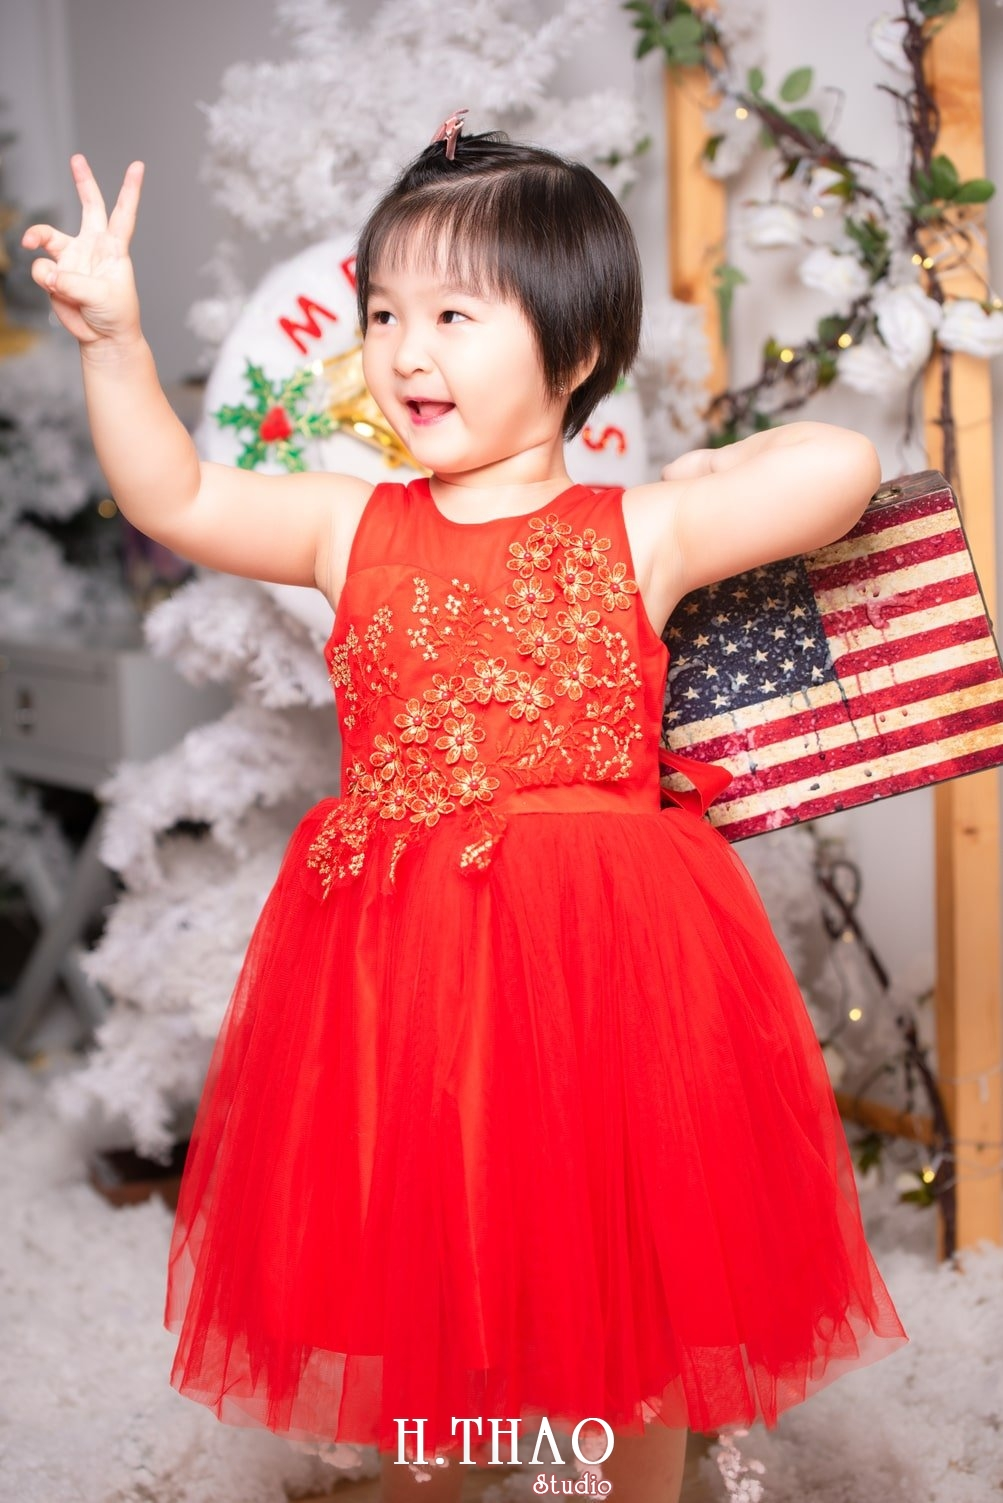 Anh be noel 23 - Album ảnh noel chụp cho con gái cưng chị Linh - HThao Studio